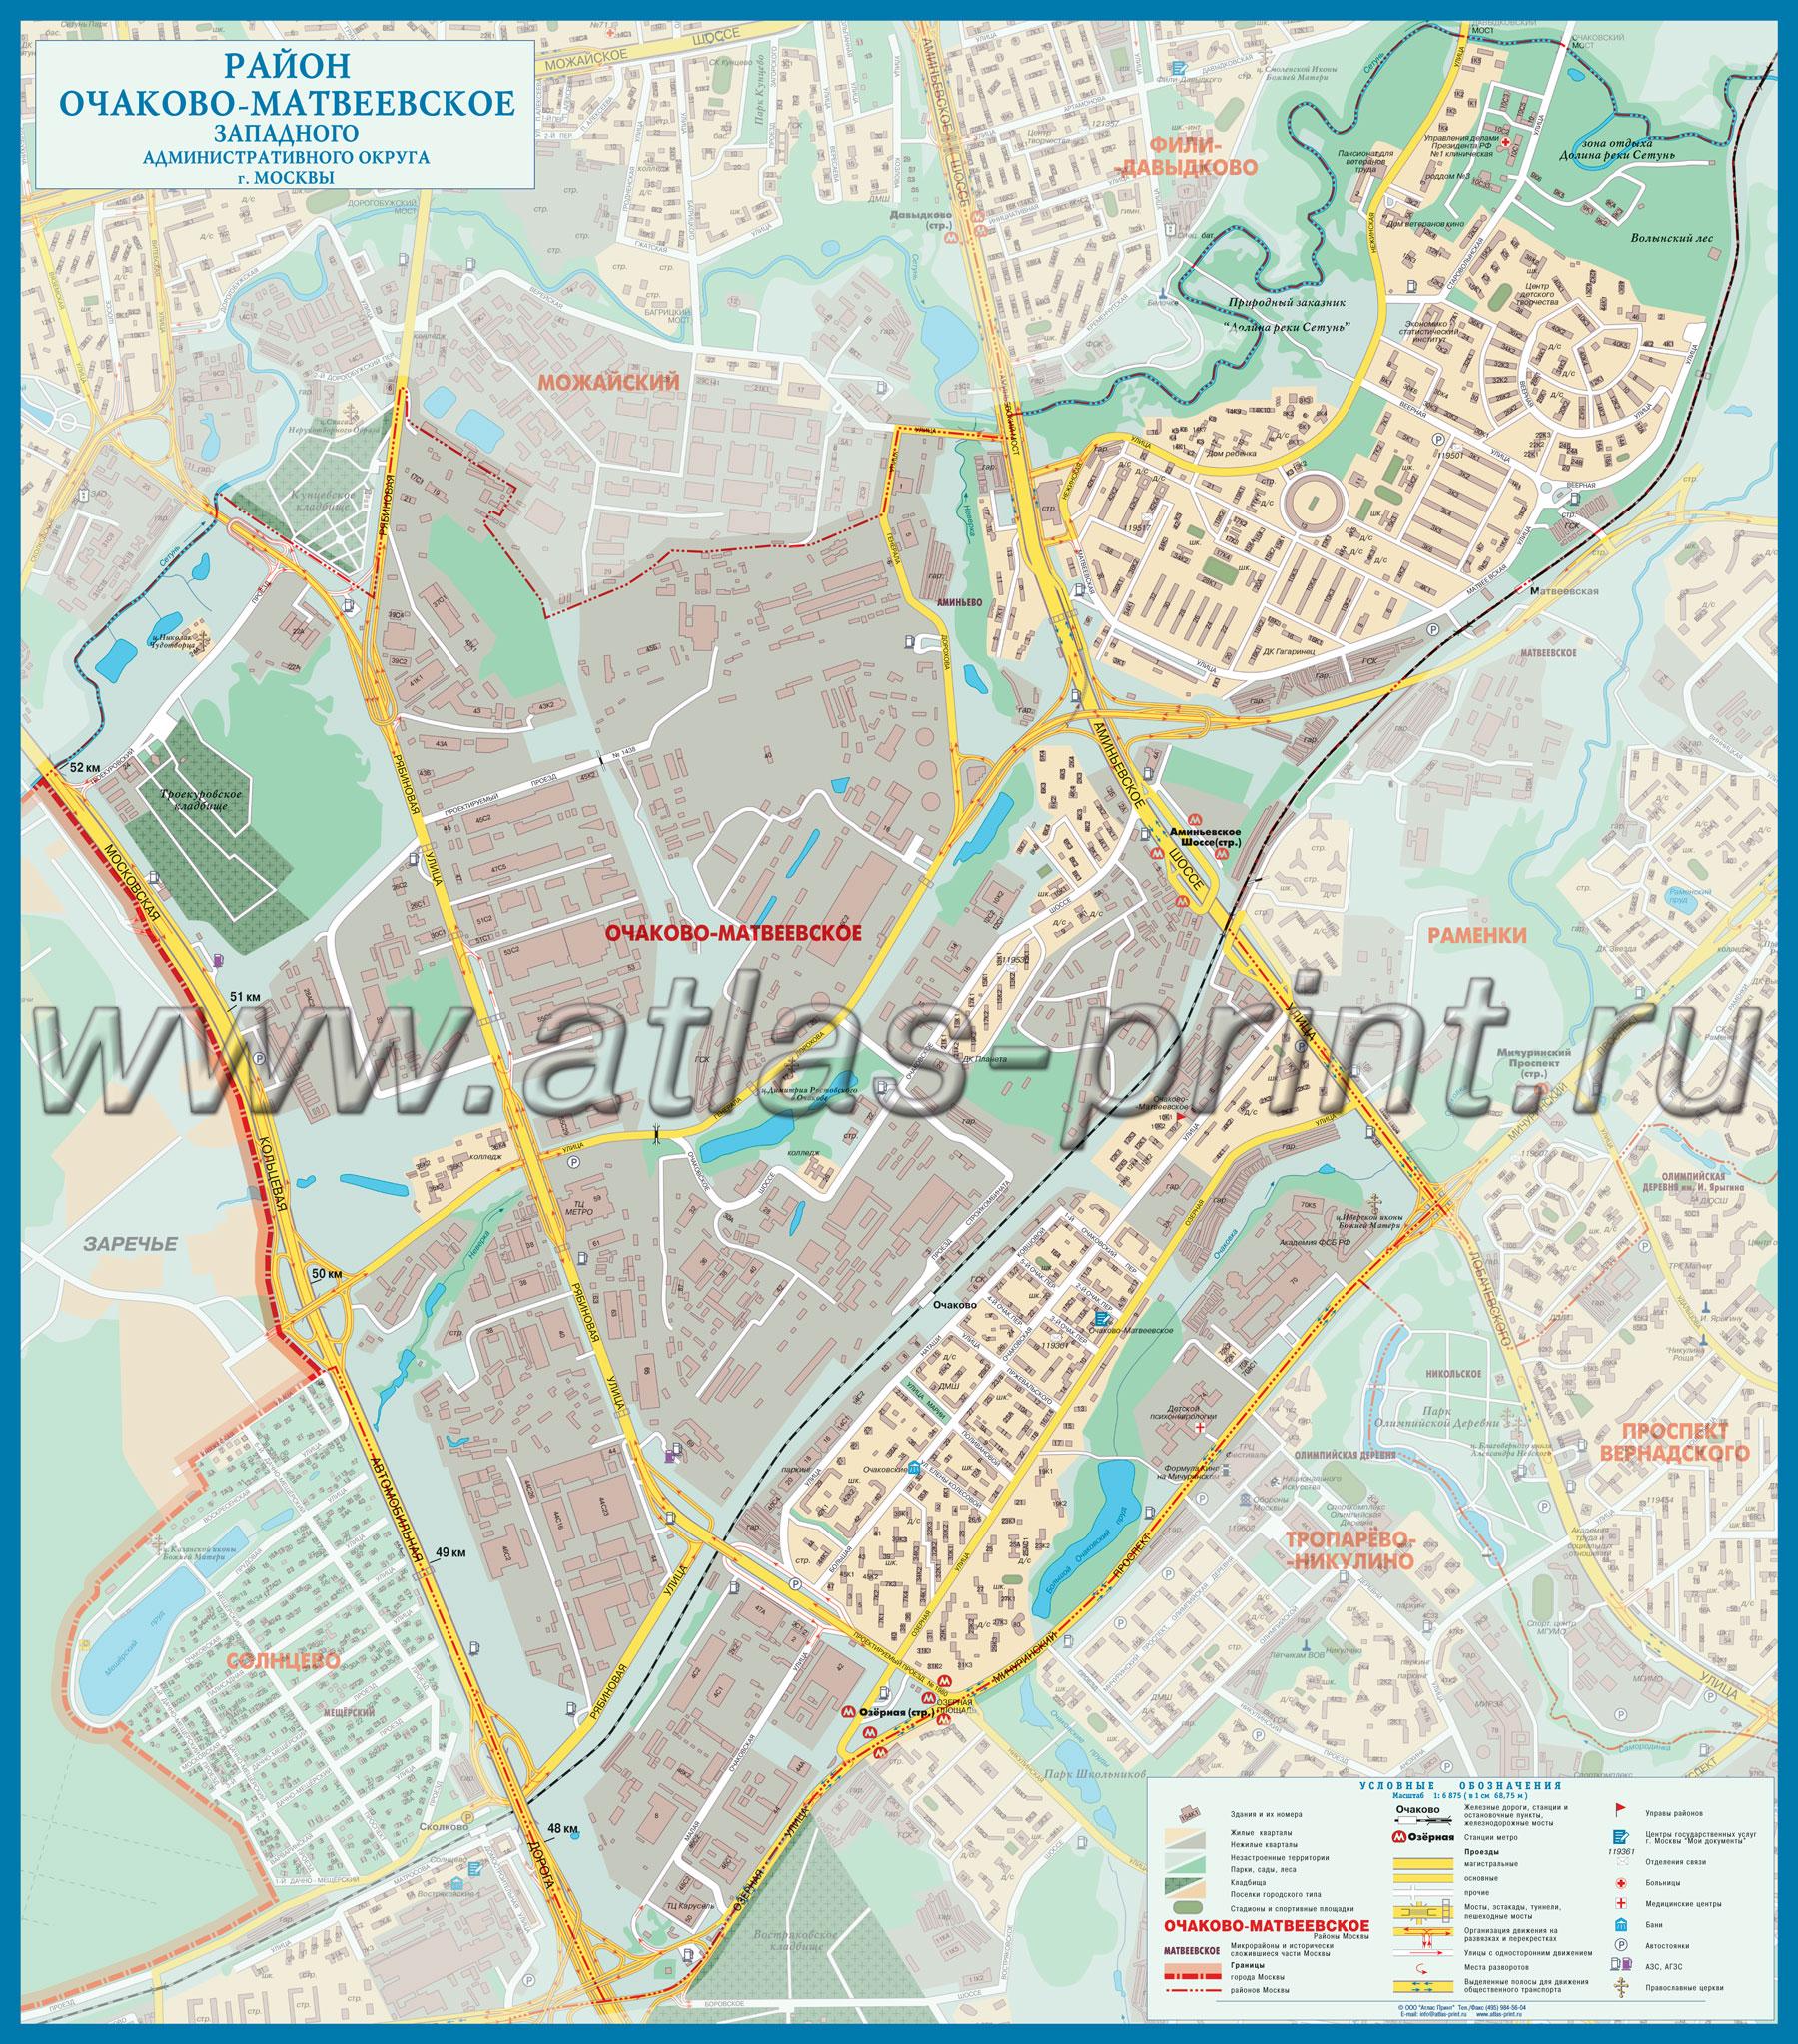 Настенная карта района ОЧАКОВО-МАТВЕЕВСКОЕ (ЗАО) г.Москвы 0,88*1,00 м, ламинированная